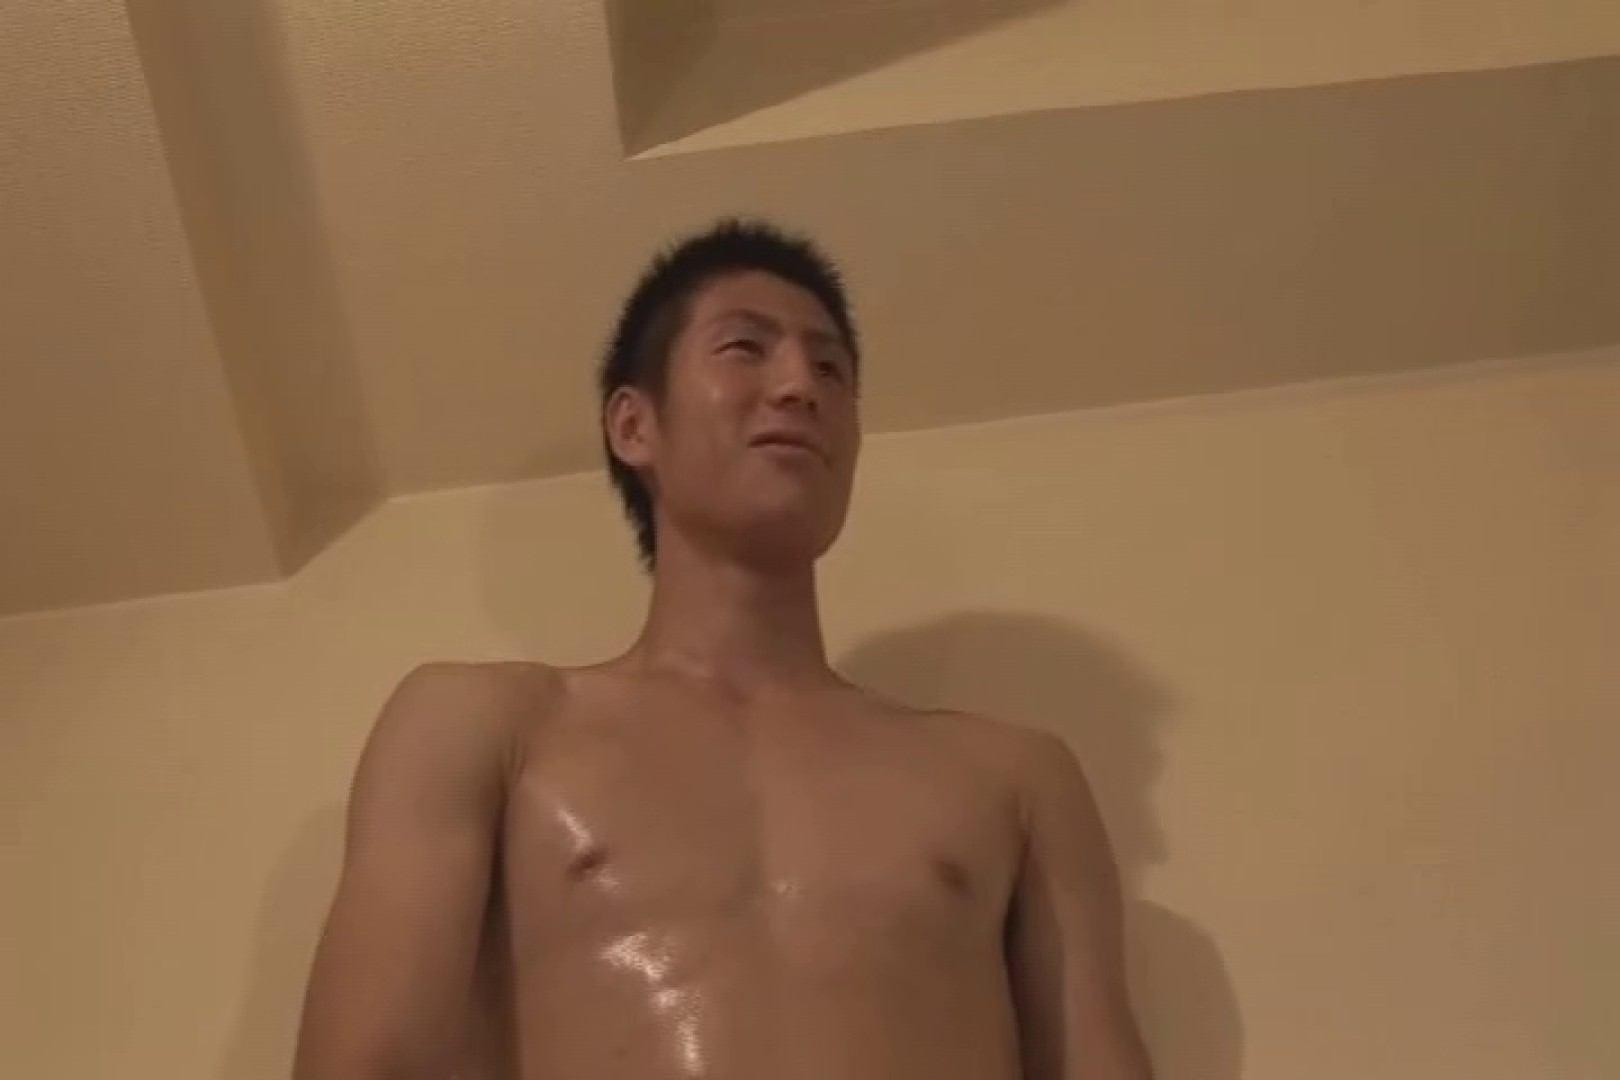 暴れん棒!!雄穴を狙え!! vol.04 オナニー ゲイモロ画像 87pic 17